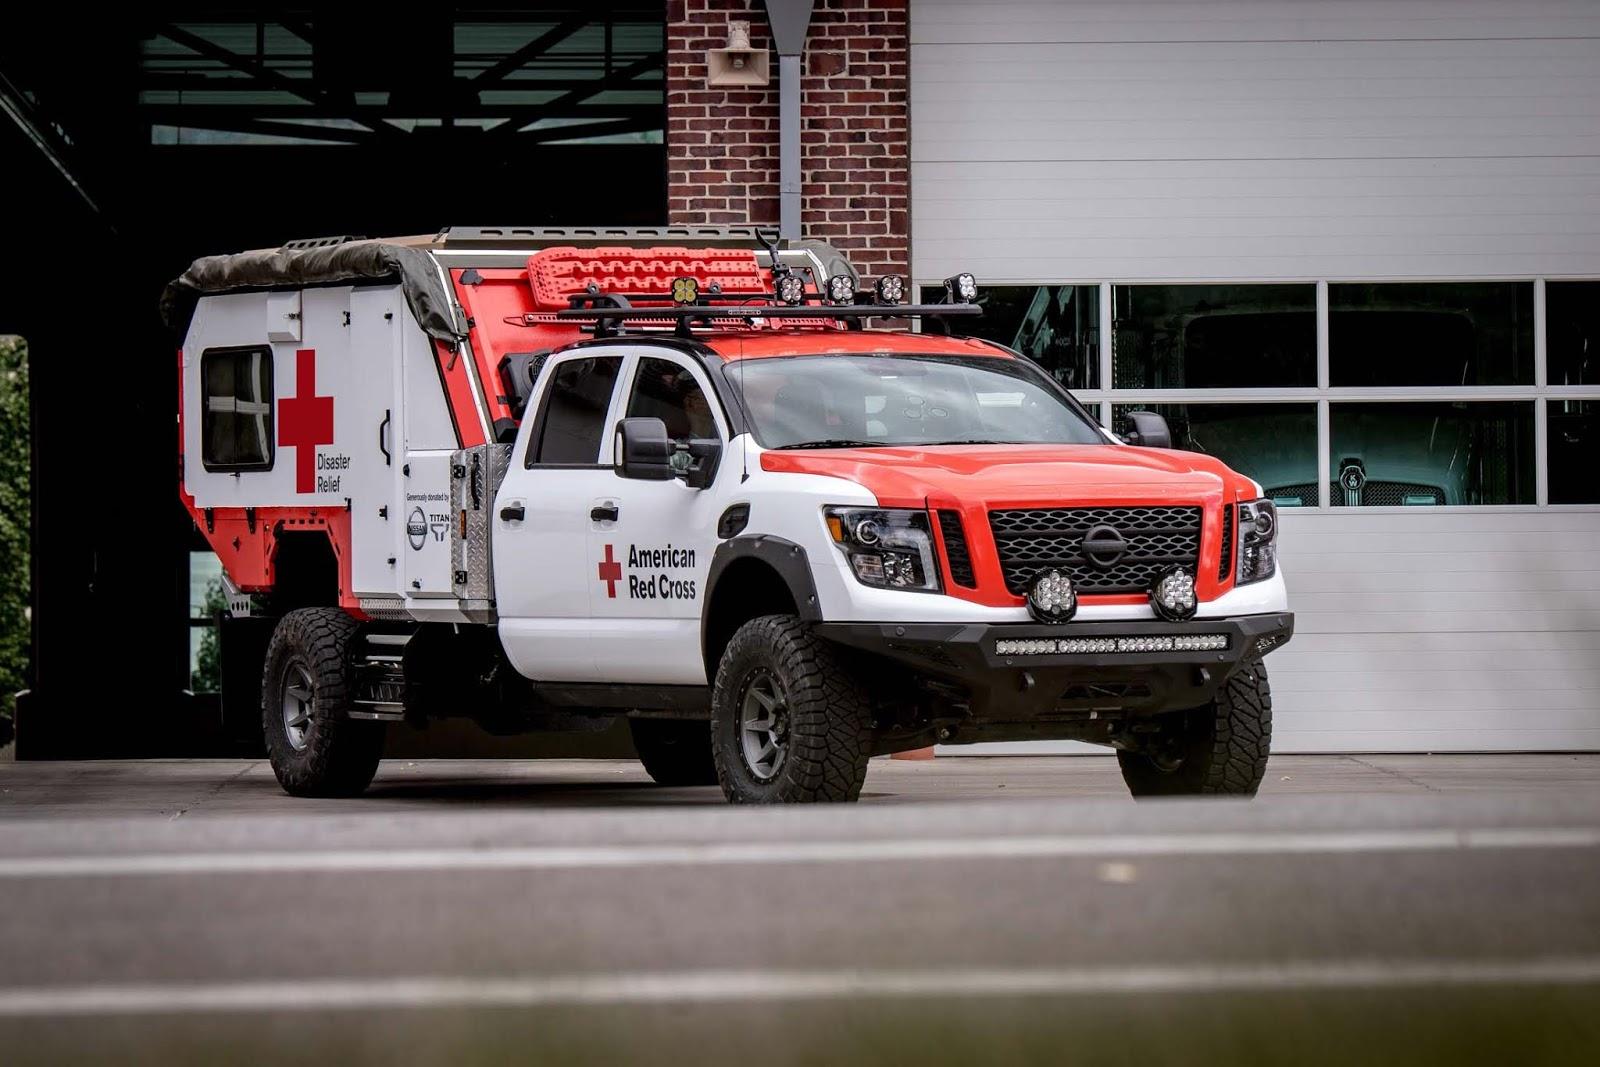 Nissan TITAN Red cross 2B252852529